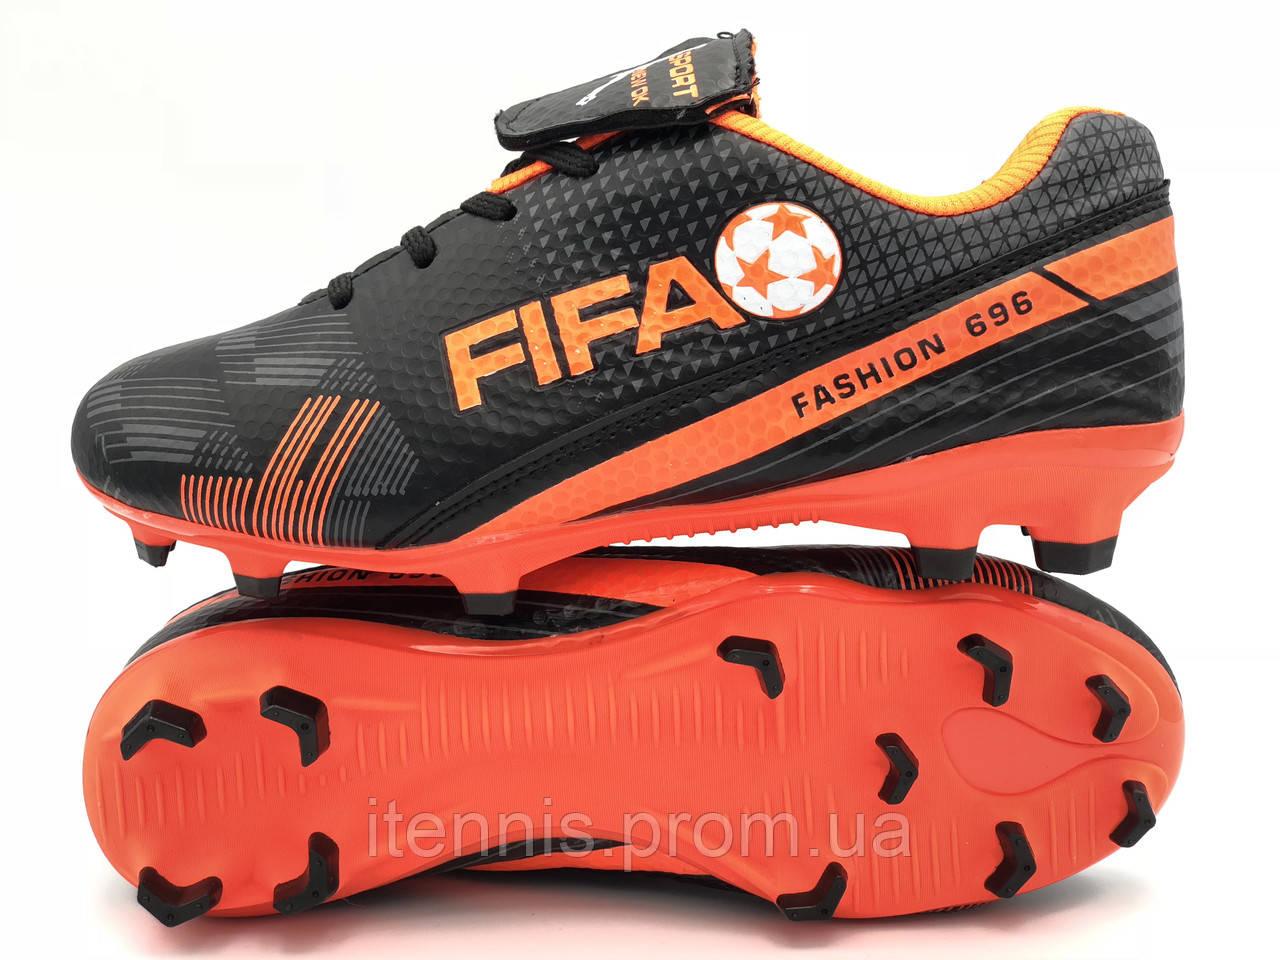 c484e3ef Футбольные бутсы FIFA-А (p. 33-38) Черный, цена 469 грн., купить в ...